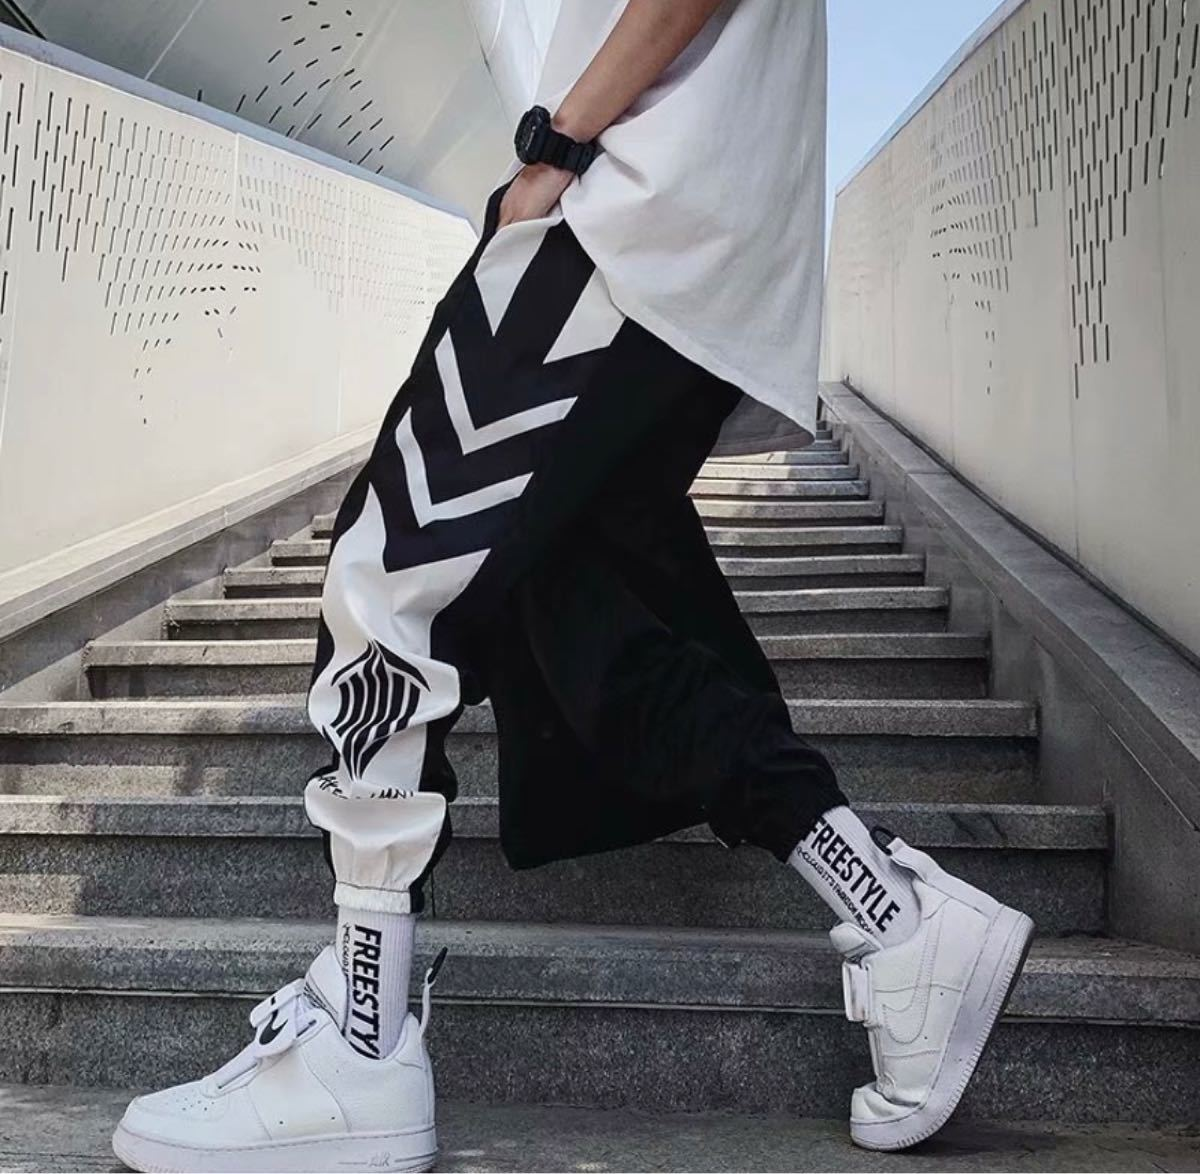 シャカパン ジョガー パンツ メンズ ブラック ライン スウェット ジャージ 黒  メンズパンツ  サルエルパンツ ホワイト 白